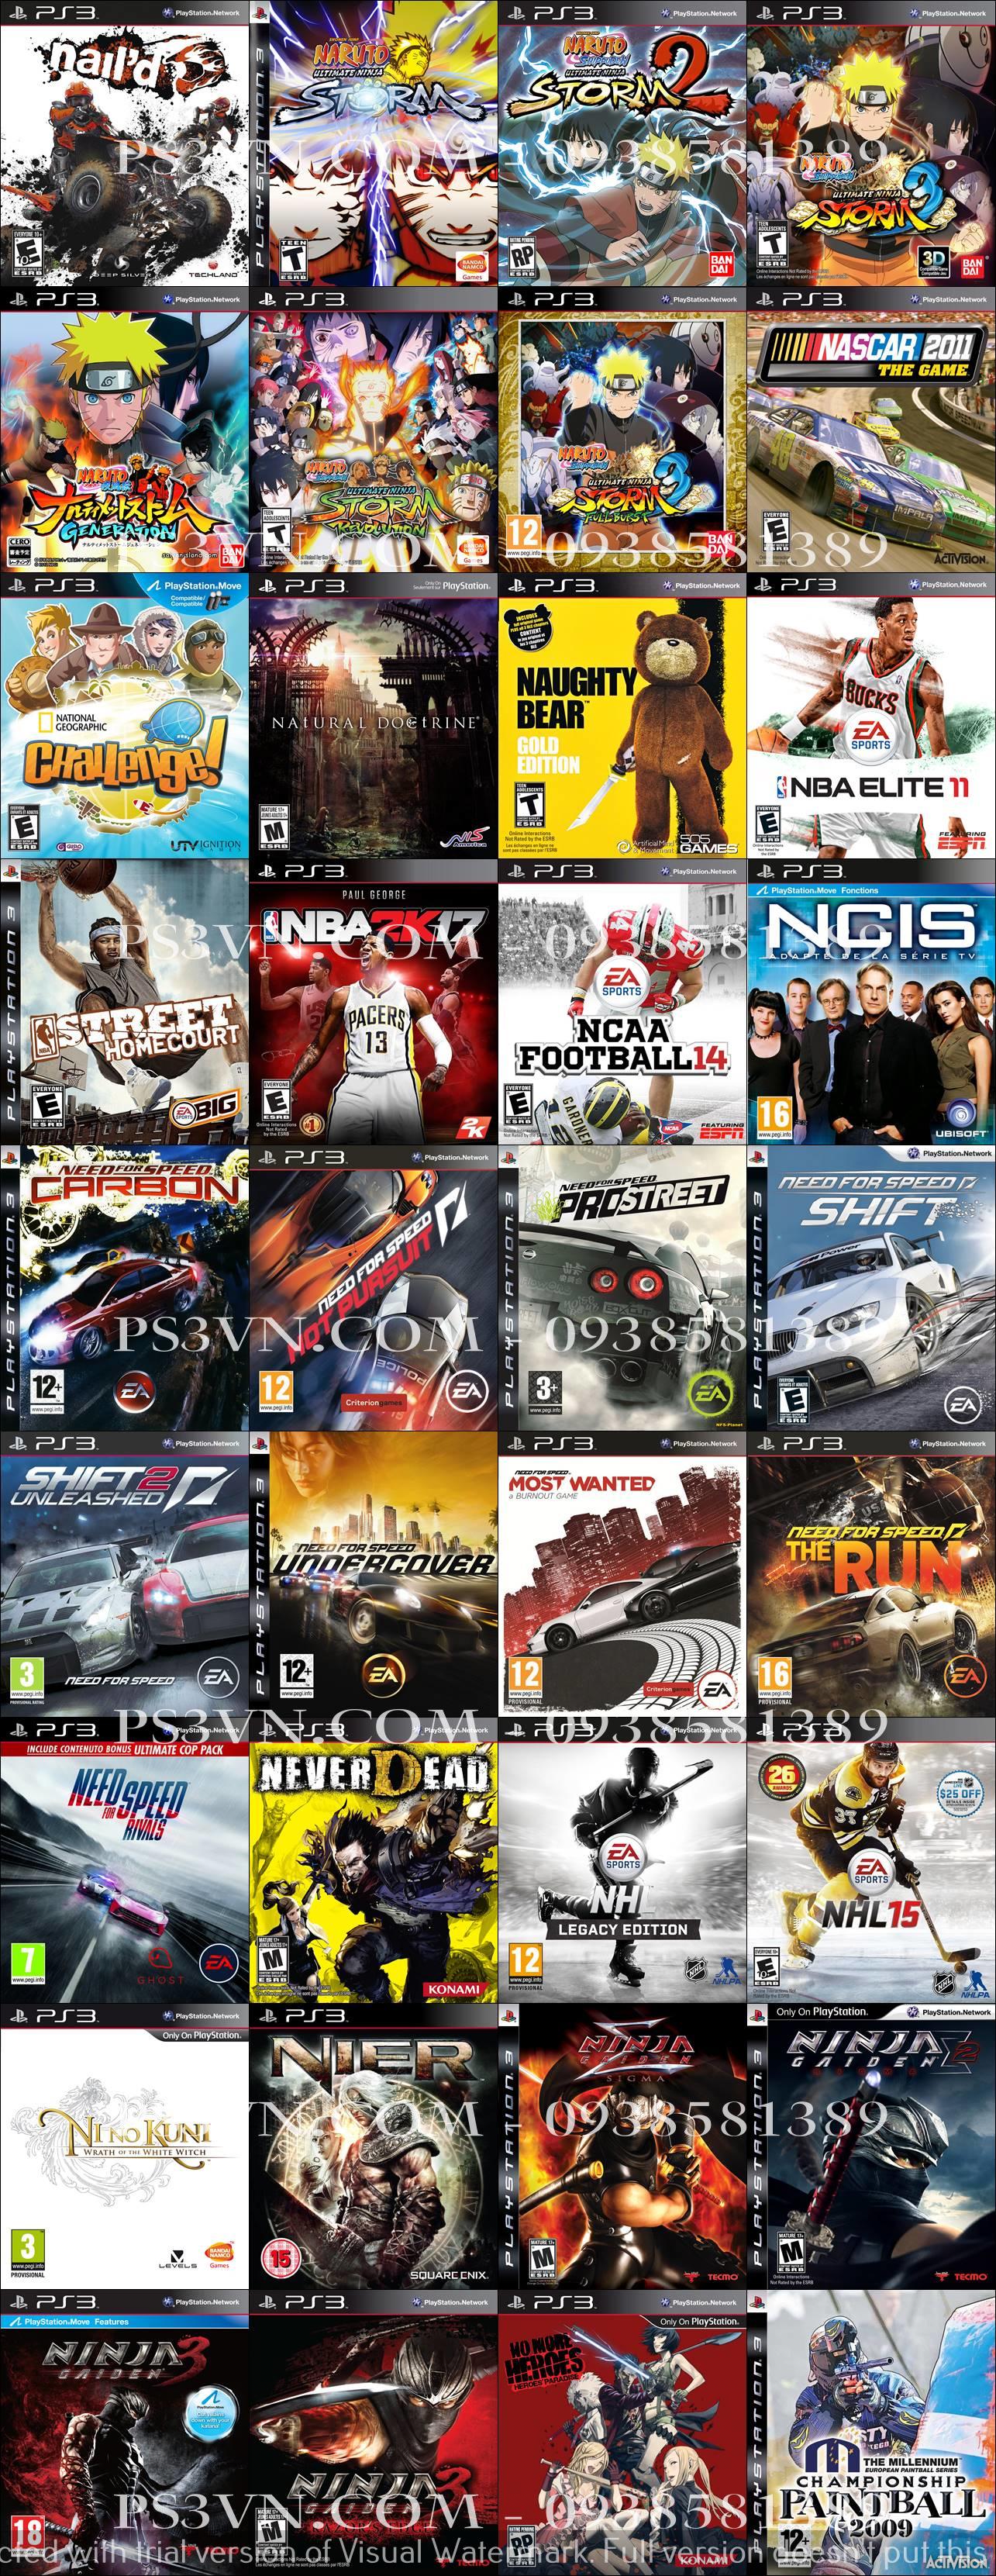 Chép Game PS3 tại nhà giá rẻ nhất TPHCM - PS3VN.COM - 29